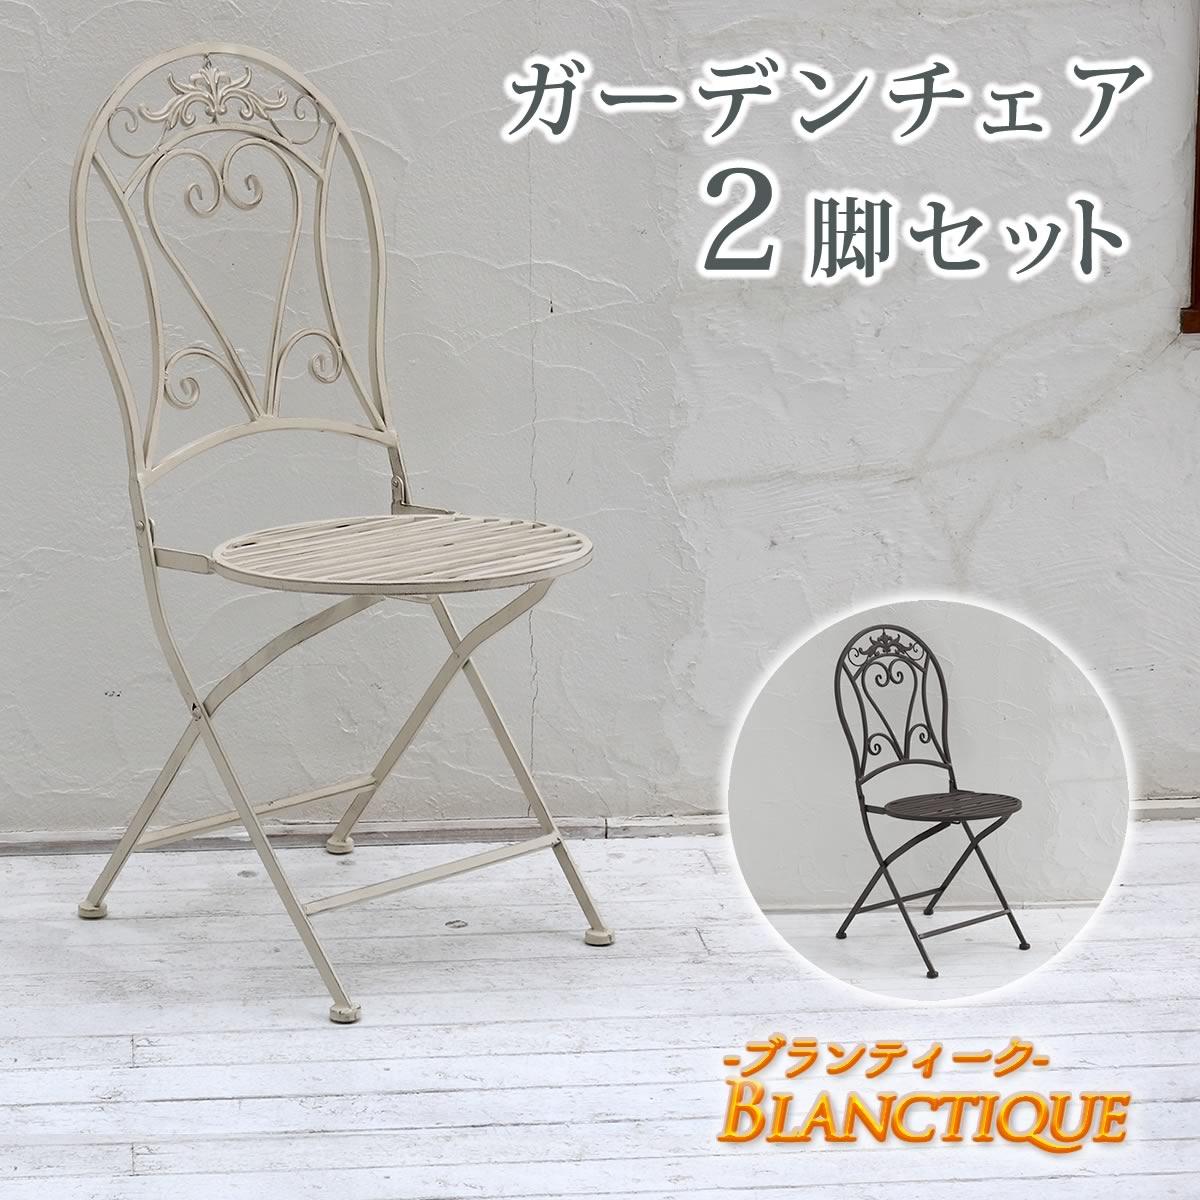 ブランティーク ホワイトアイアンチェア 2脚セット ガーデンテーブル テラス 庭 ウッドデッキ 椅子 アンティーク クラシカル イングリッシュガーデン ファニチャー シンプル 北欧 インテリア 家具 おしゃれ カフェ 住まいスタイル 送料無料